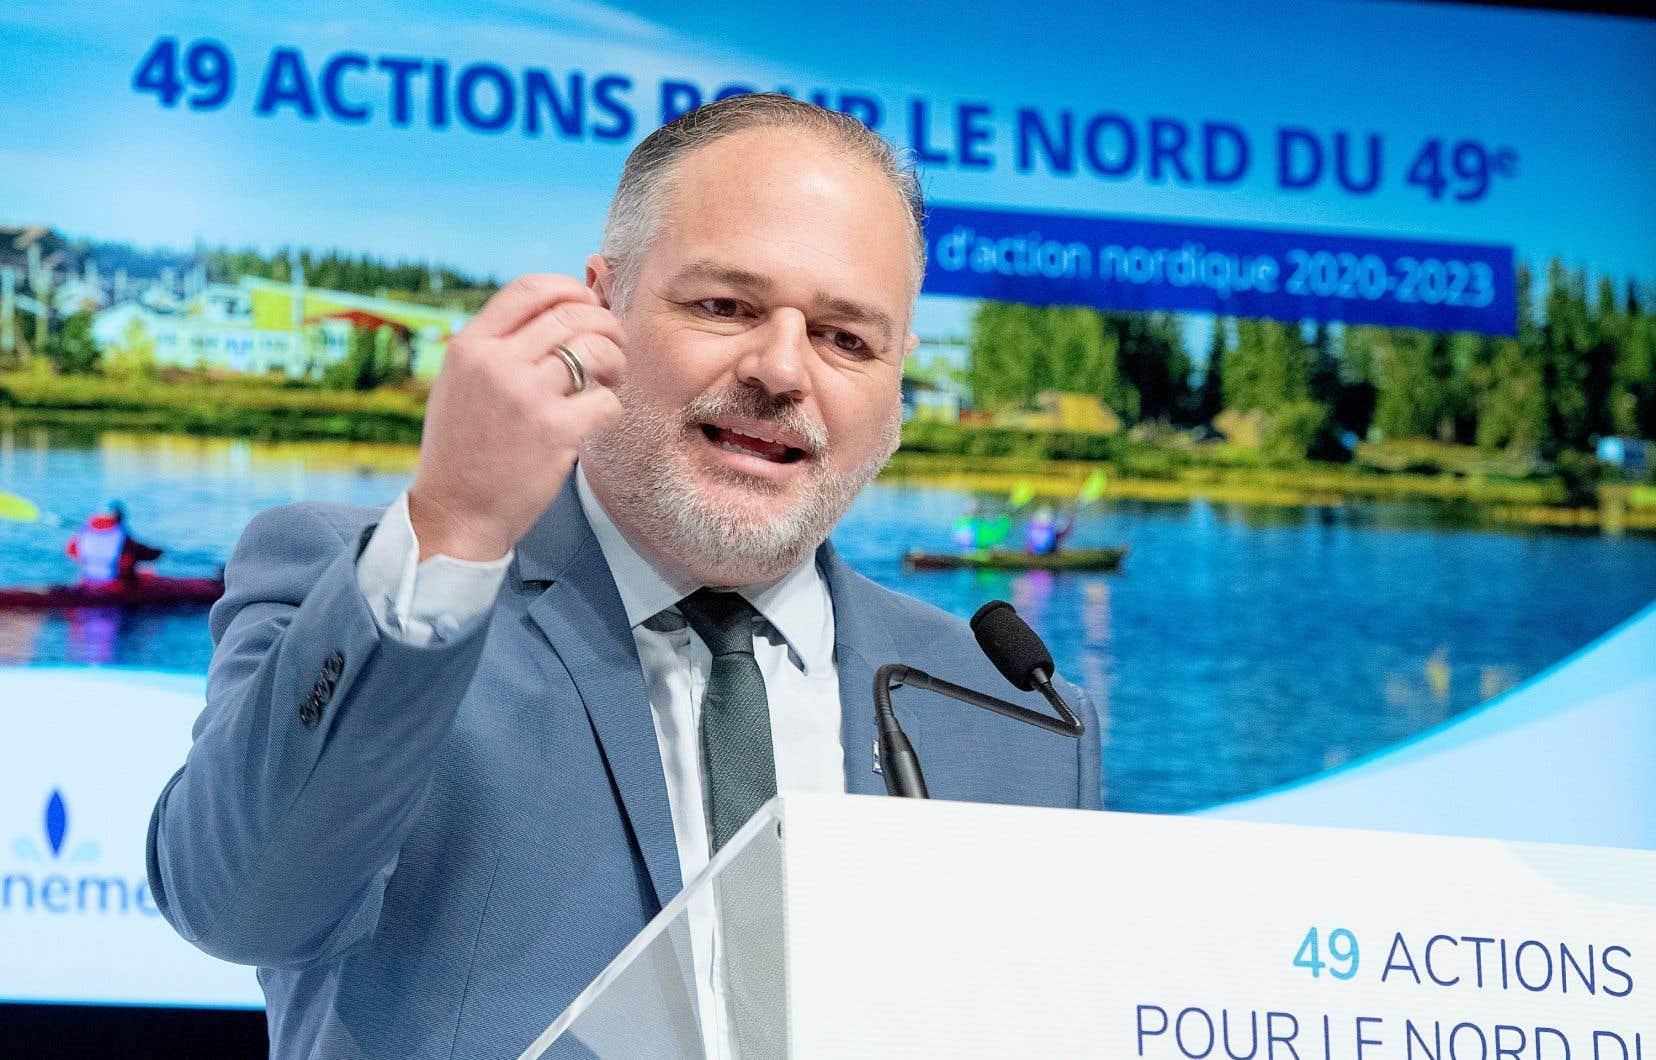 Le ministre des Ressources naturelles, Jonatan Julien, a fait l'annonce du Plan d'action nordique 2020-2023 du gouvernement Legault, lundi à Québec.